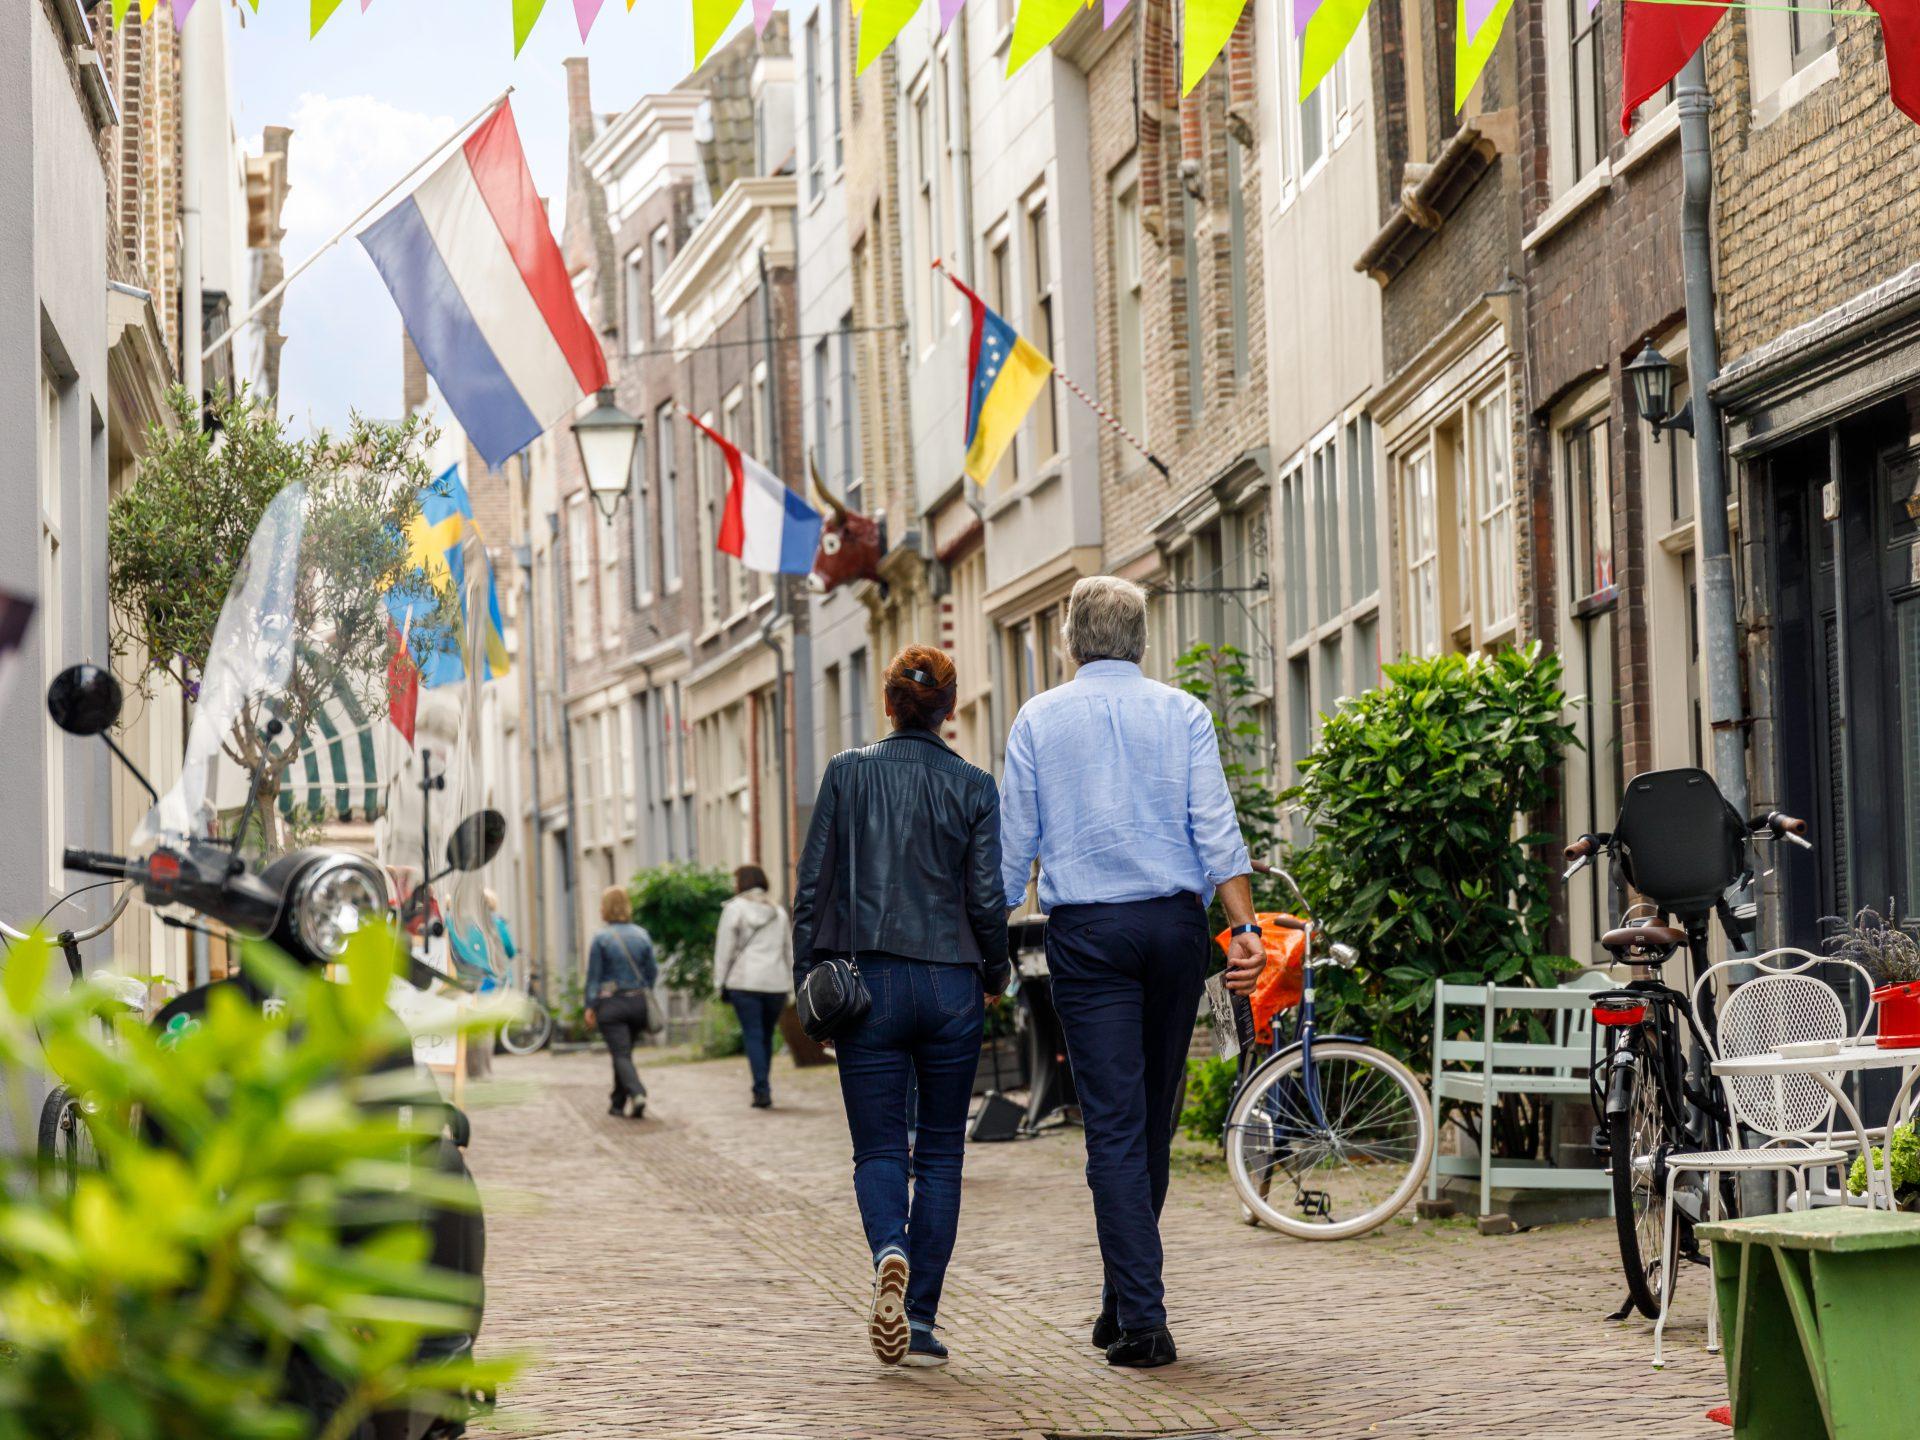 Winkelen in de historische binnenstad van Dordrecht